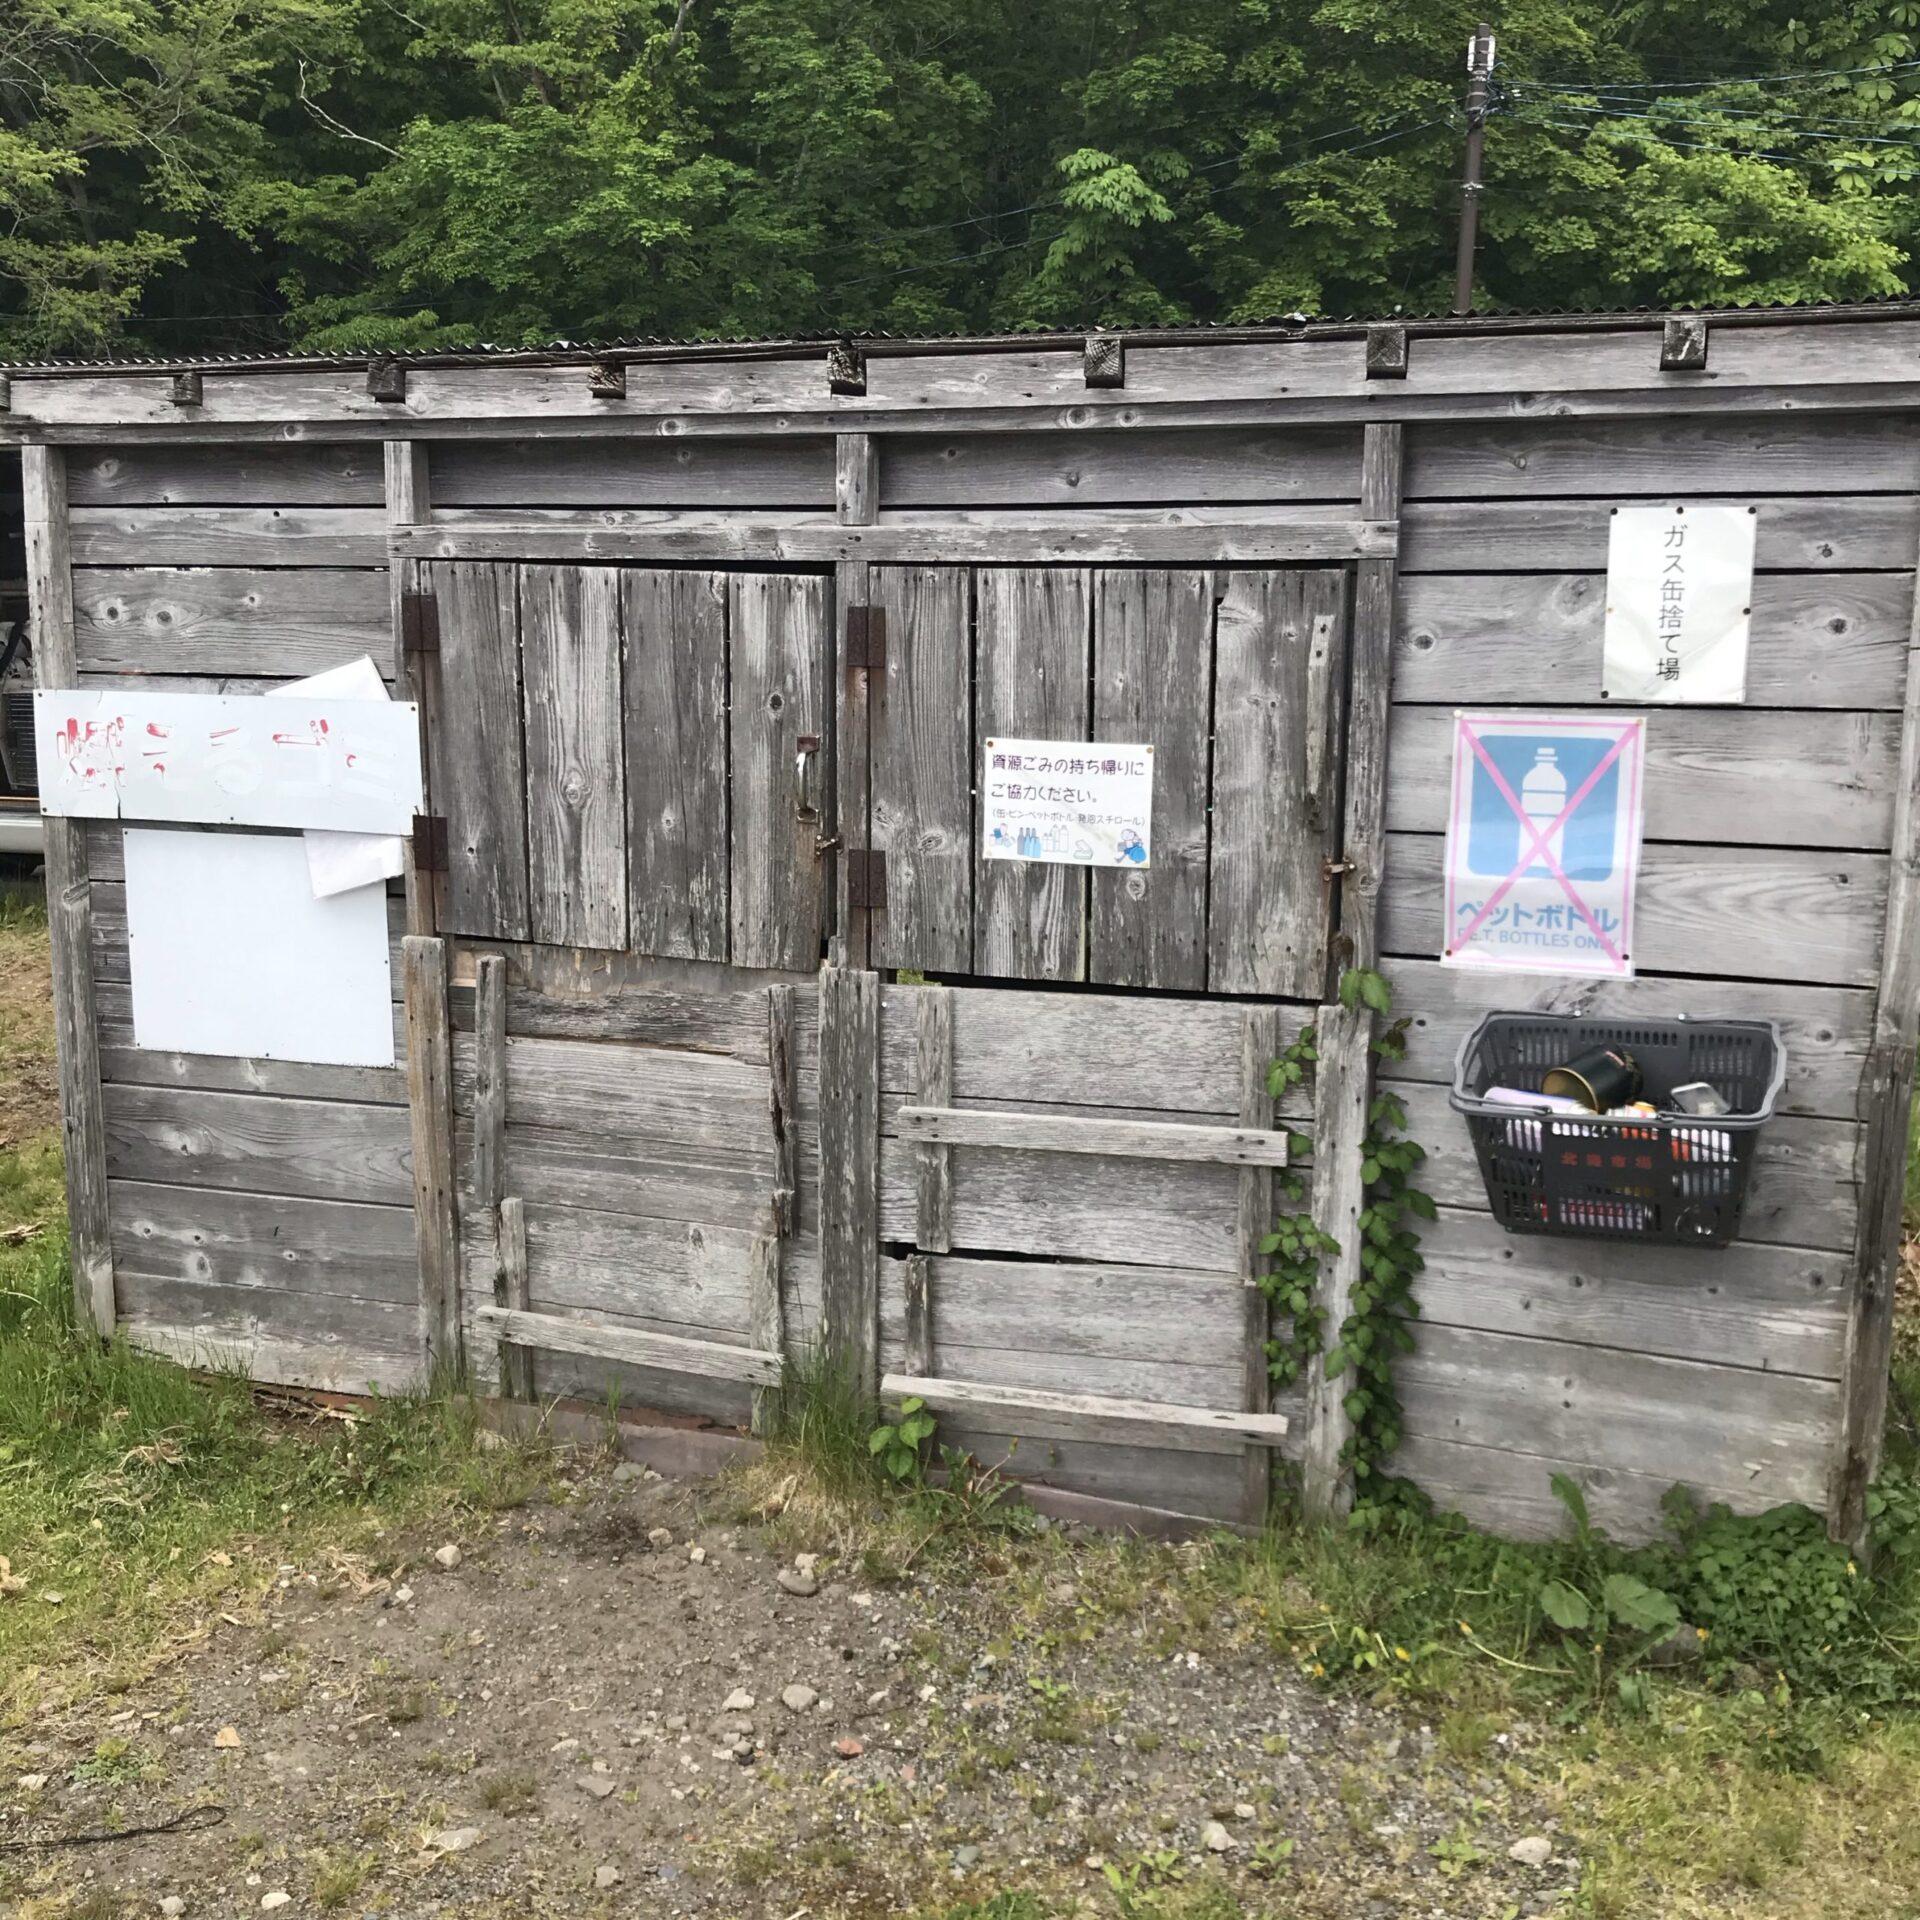 モラップキャンプ場の燃えるゴミとガス缶の捨て場